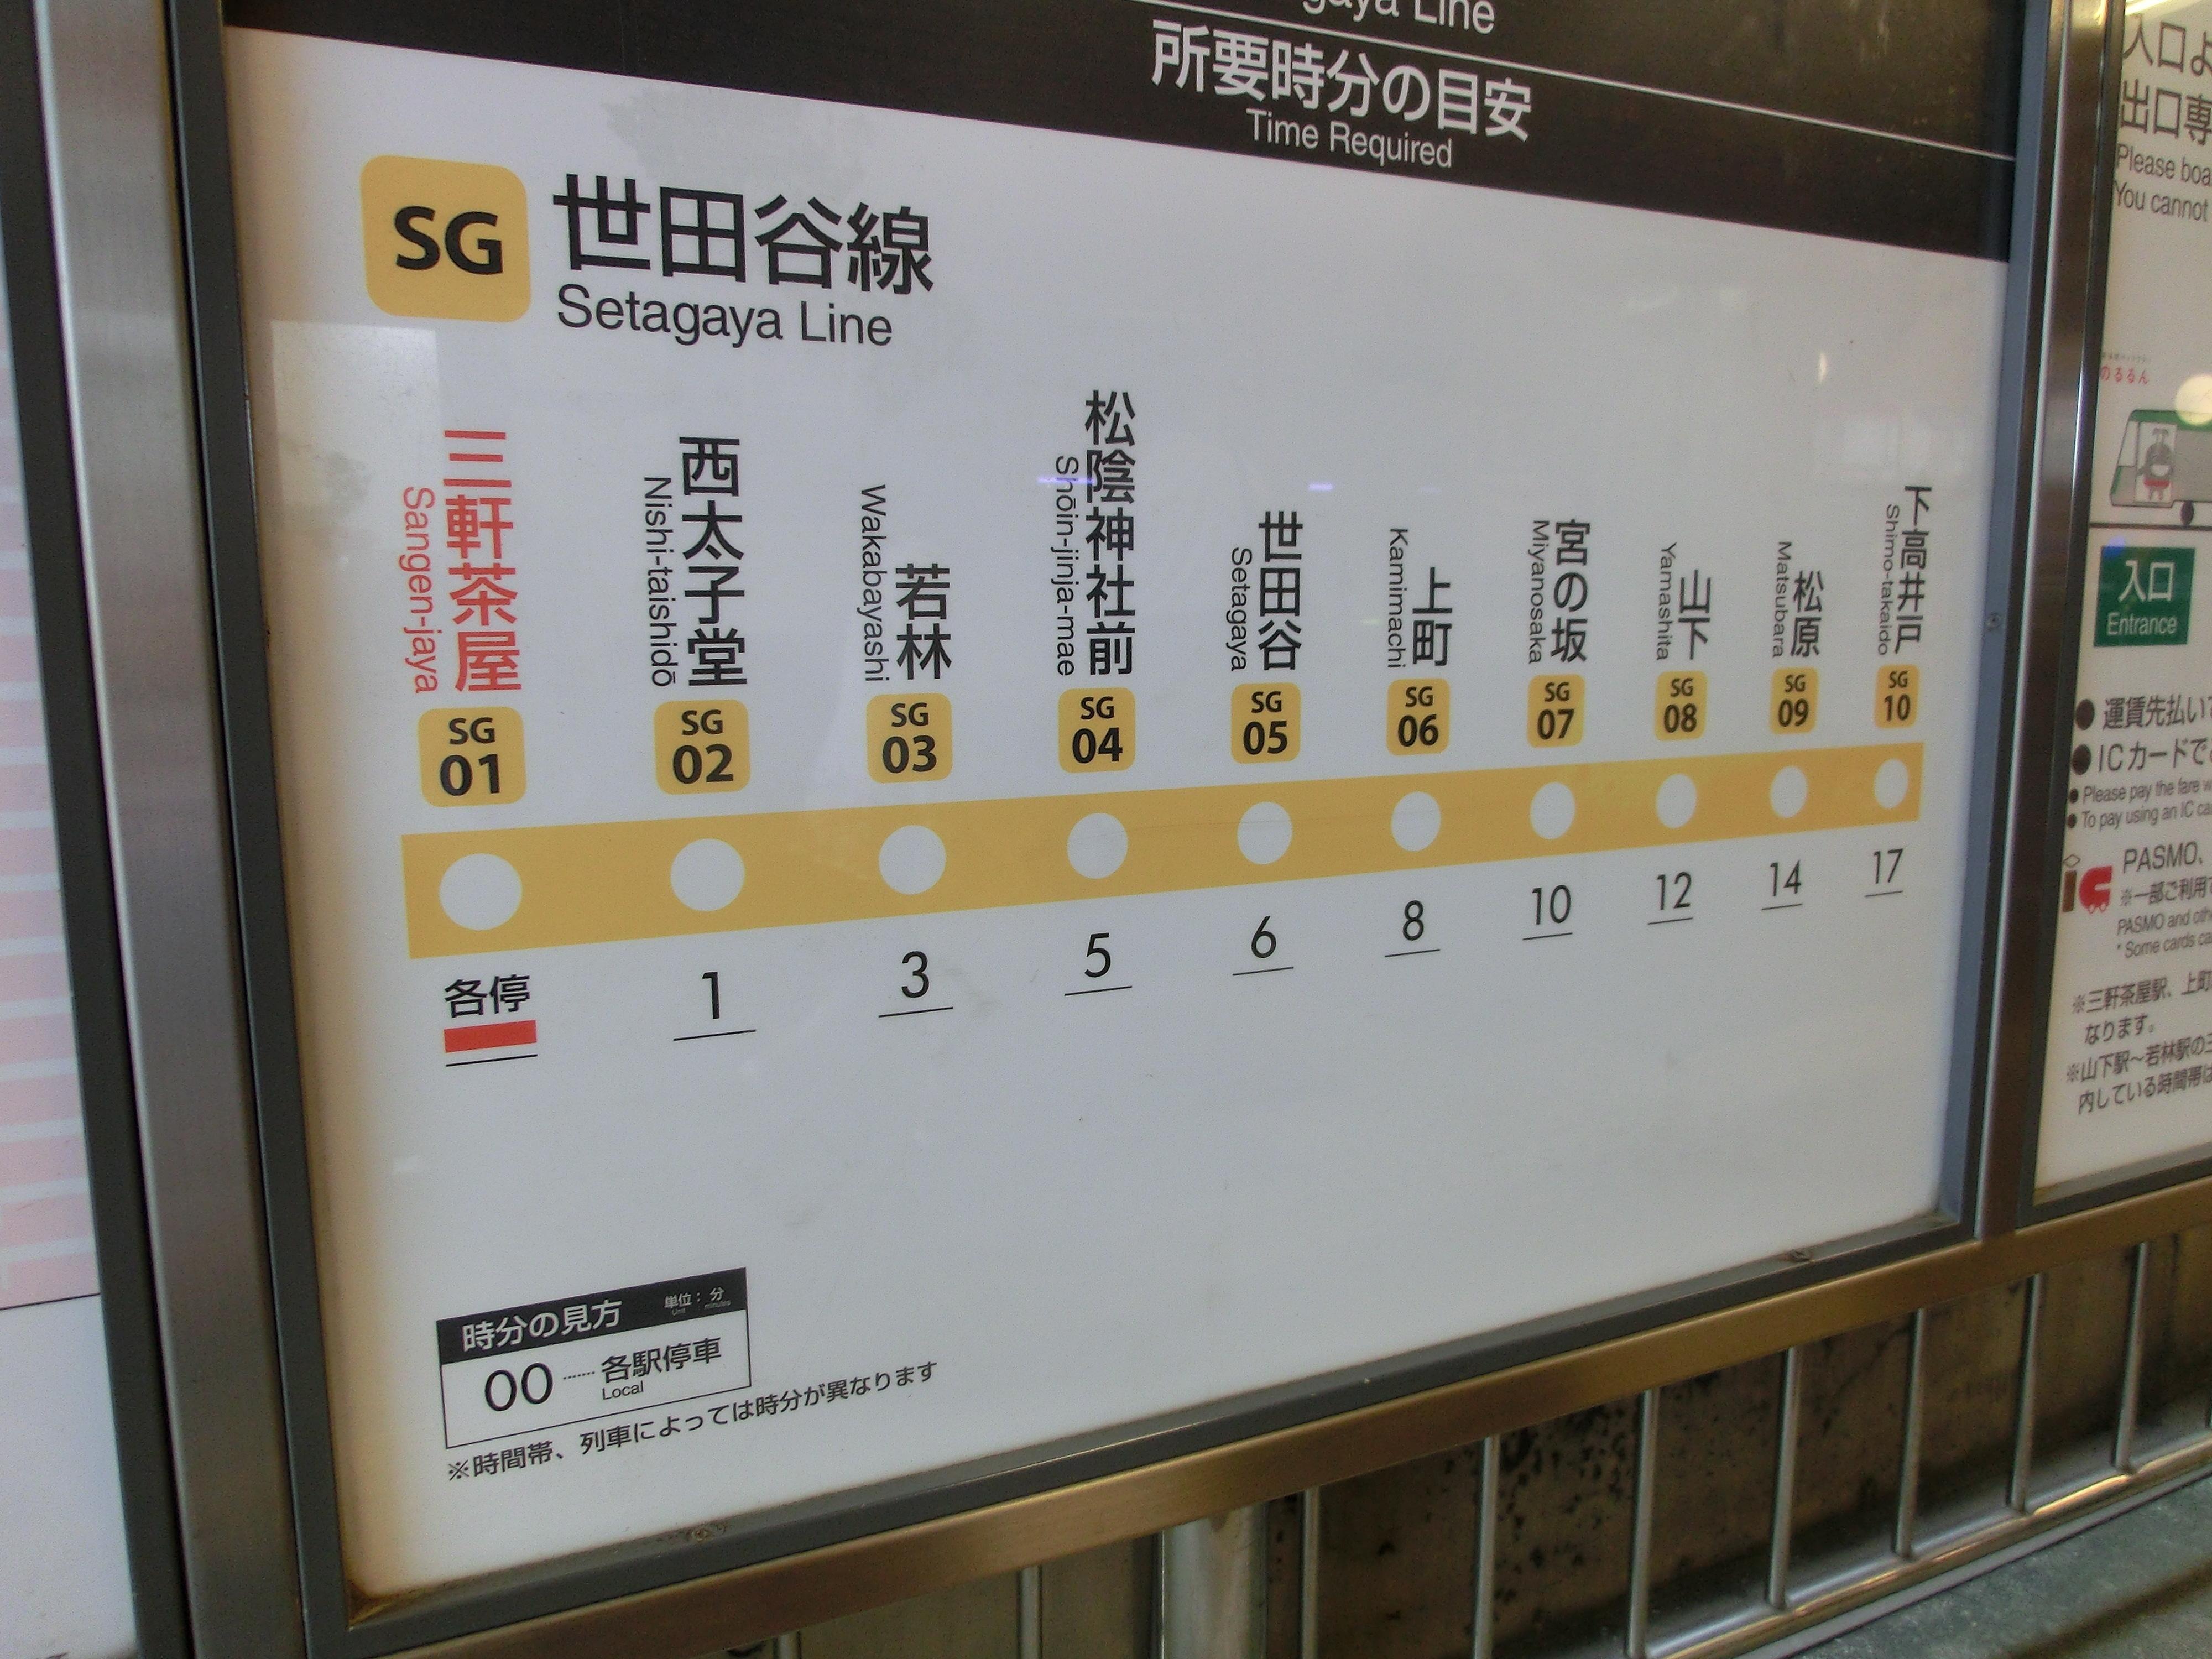 世田谷線 路線図 ゴンアルブル記事